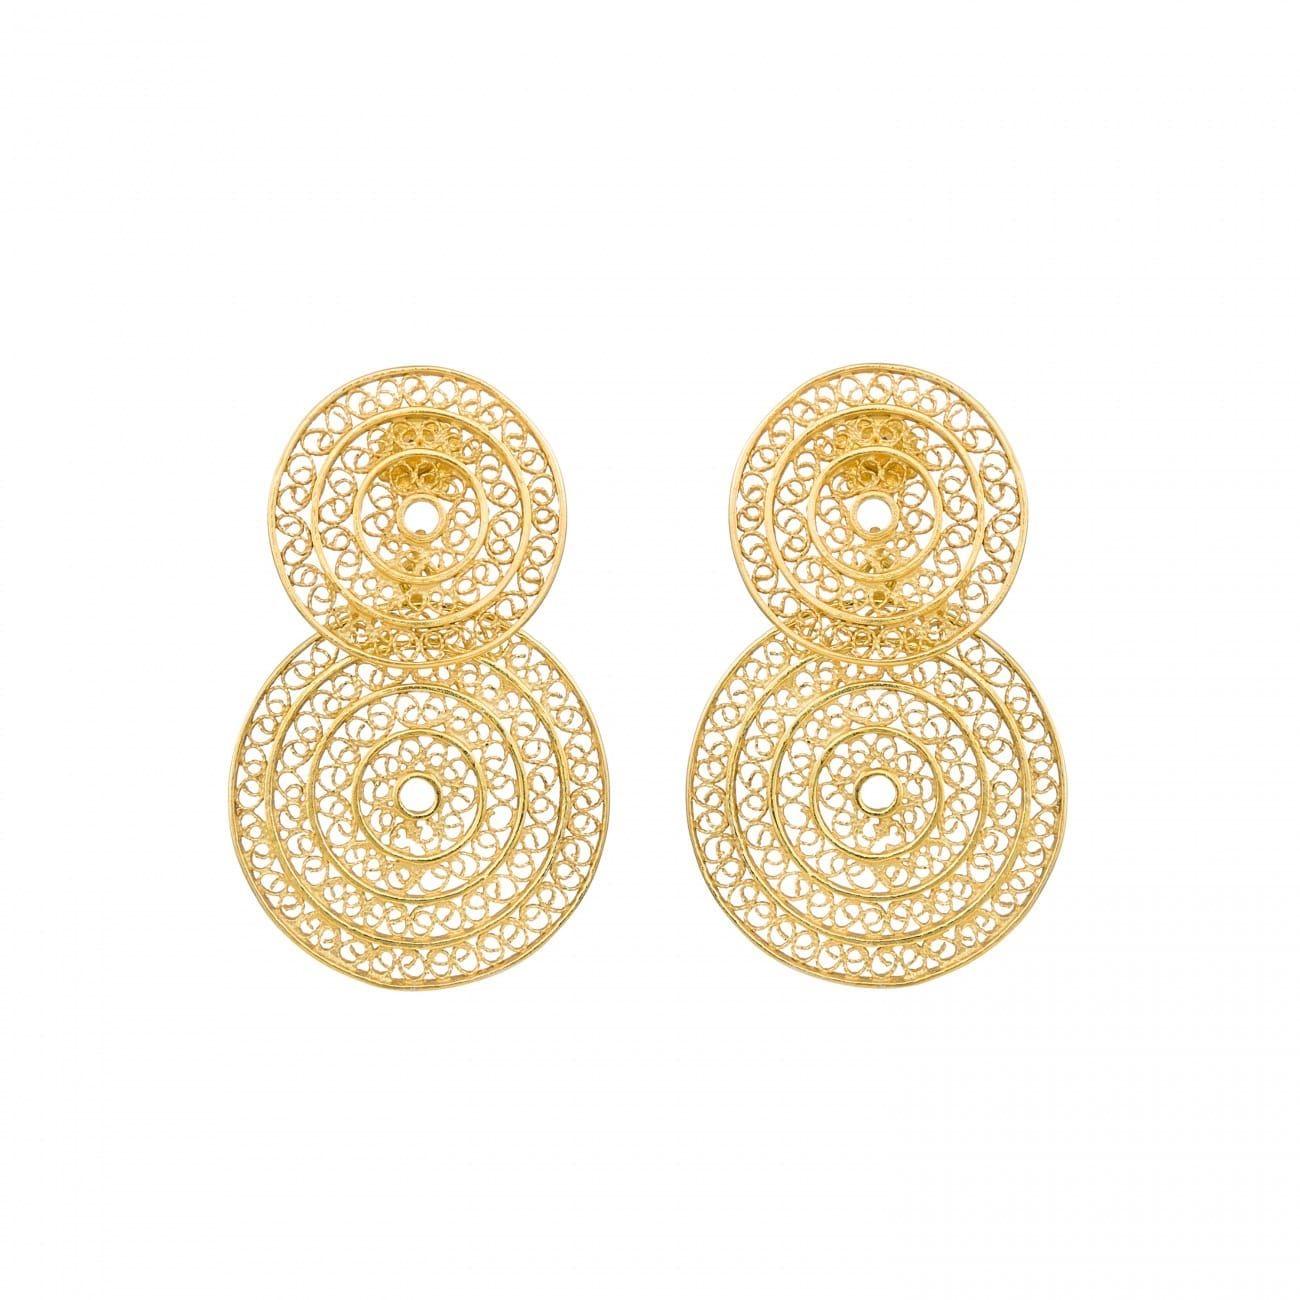 Brincos Dois Círculos em Prata Dourada